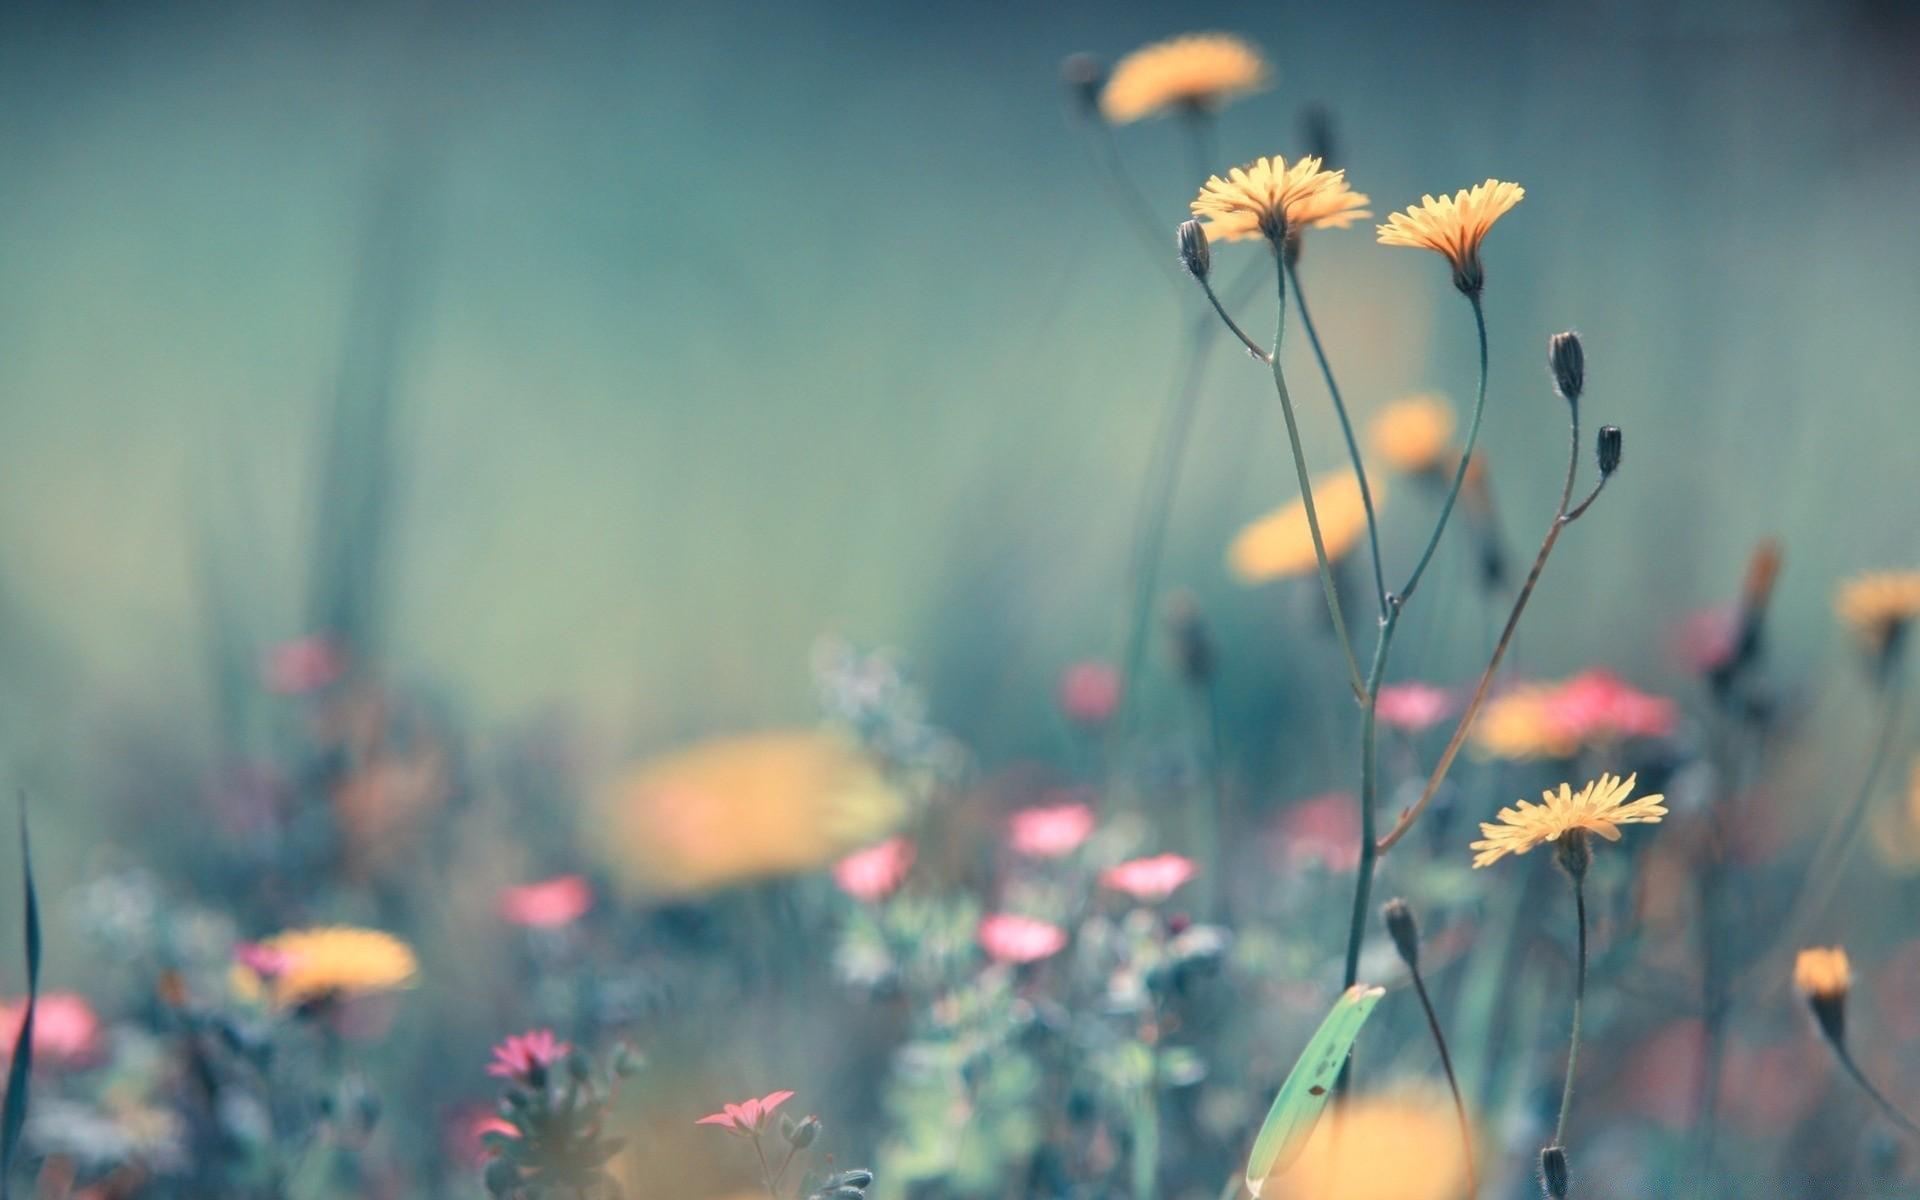 фото цветов высокого качества с цитатами здесь очень красивое